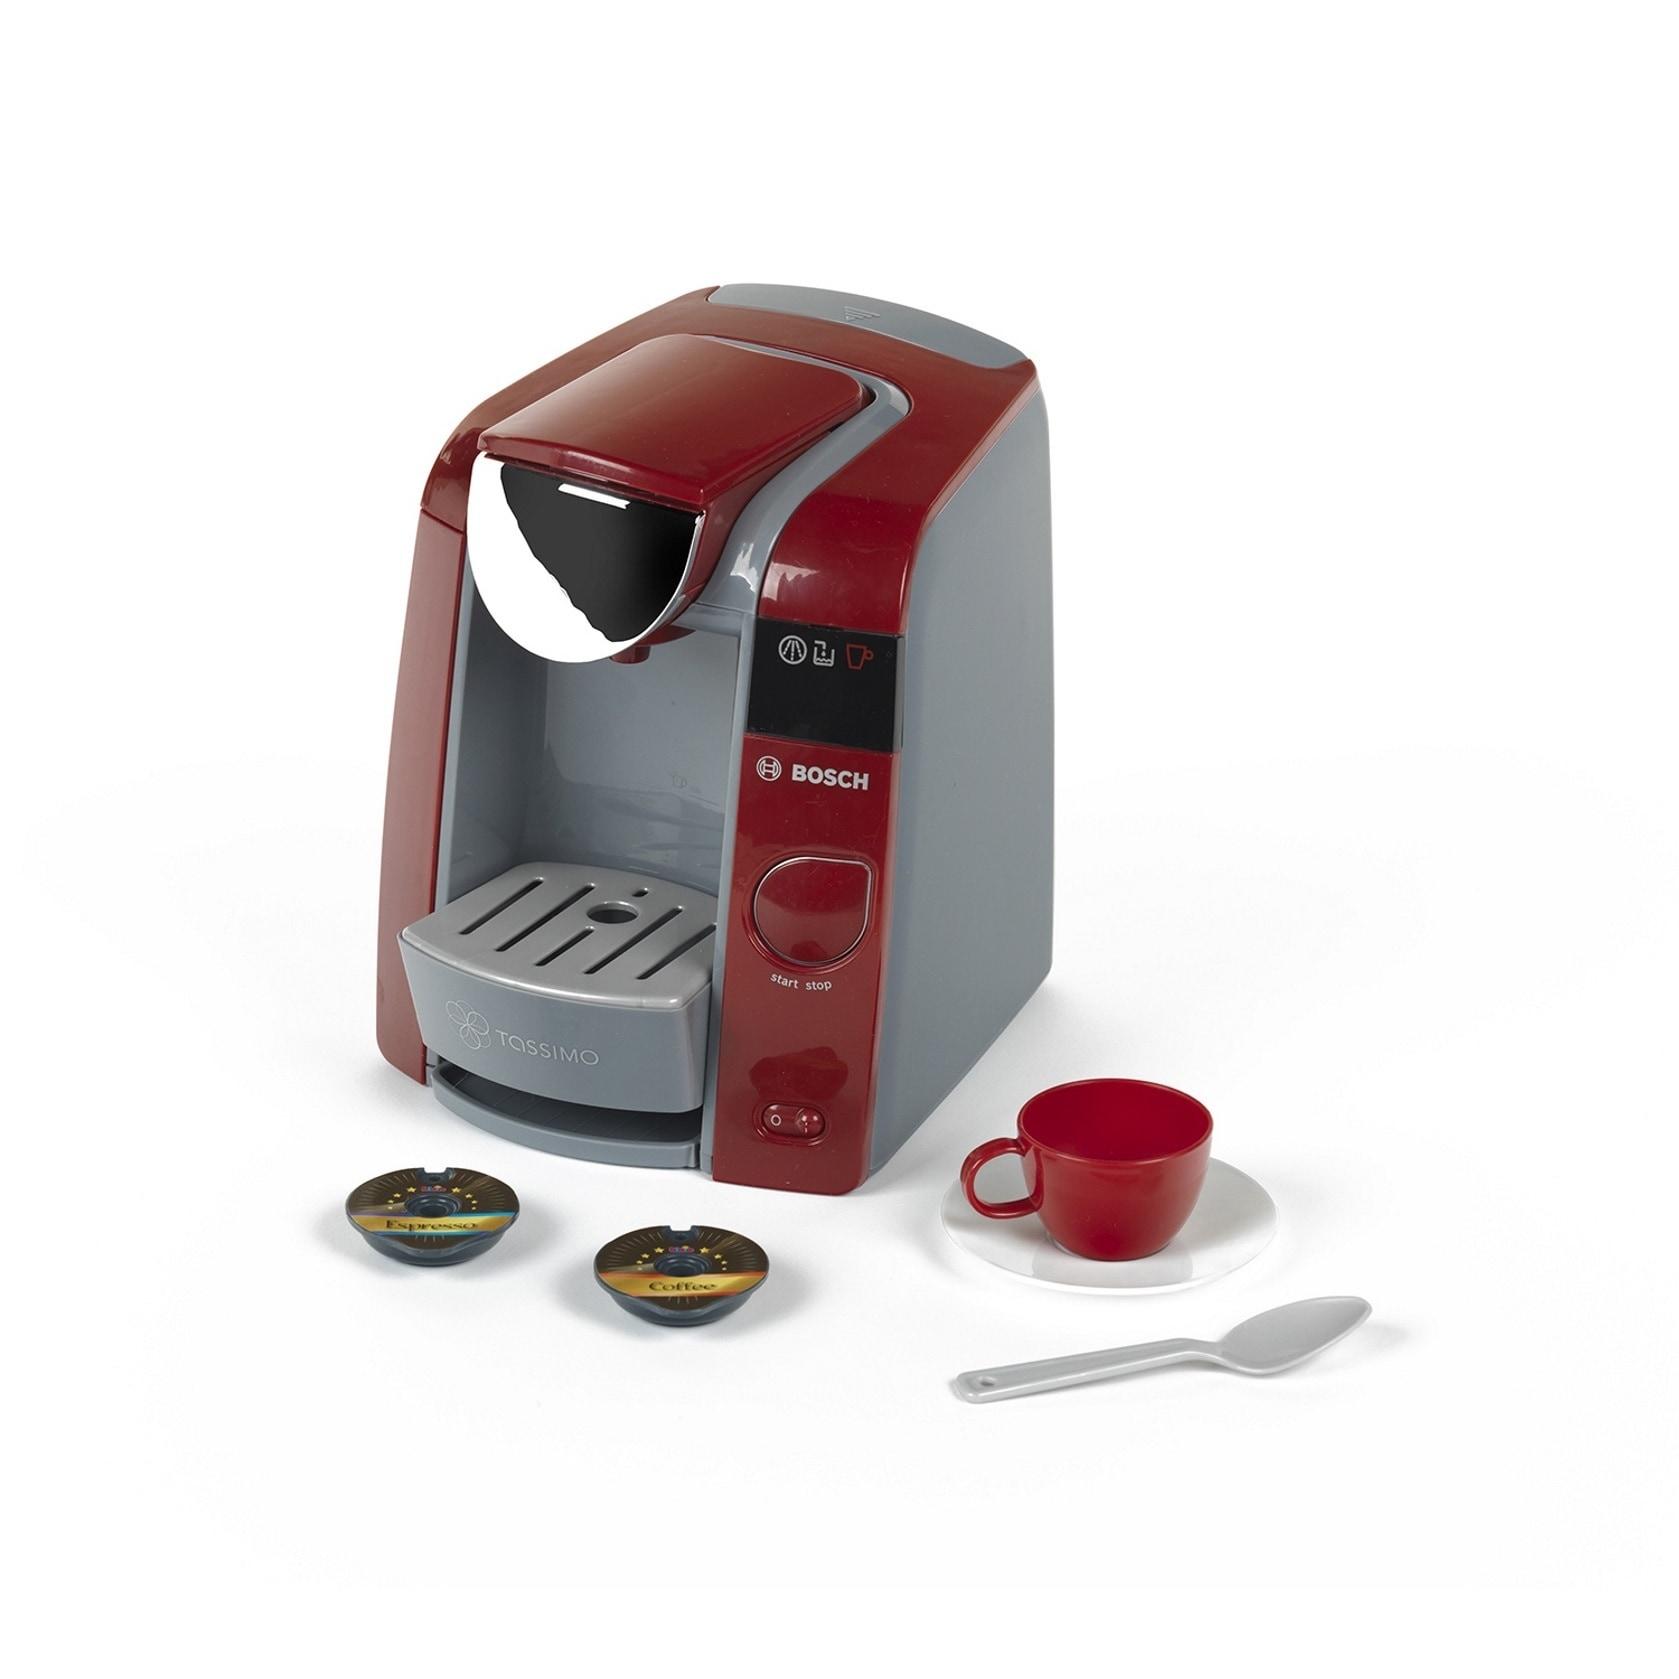 Theo Klein Bosch Tassimo Kids Coffee (Brown) Maker Toy (G...